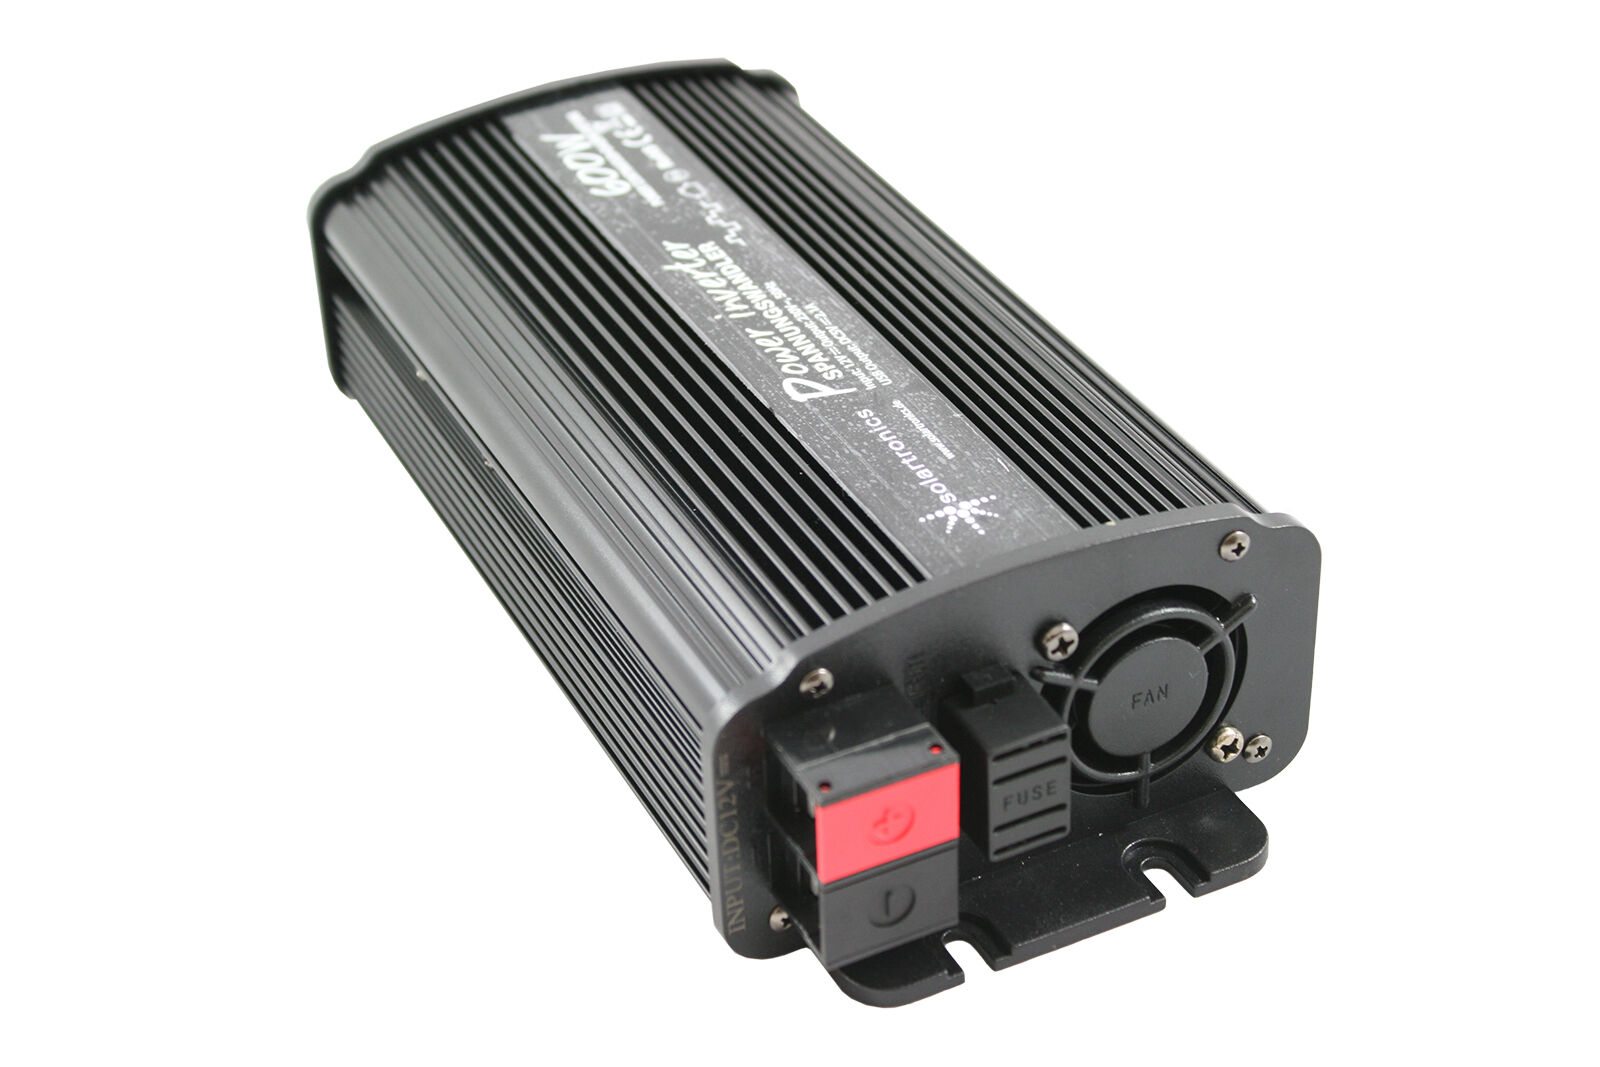 Spannungswandler Auto Kühlschrank : Spannungswandler wechselrichter watt v v din iso